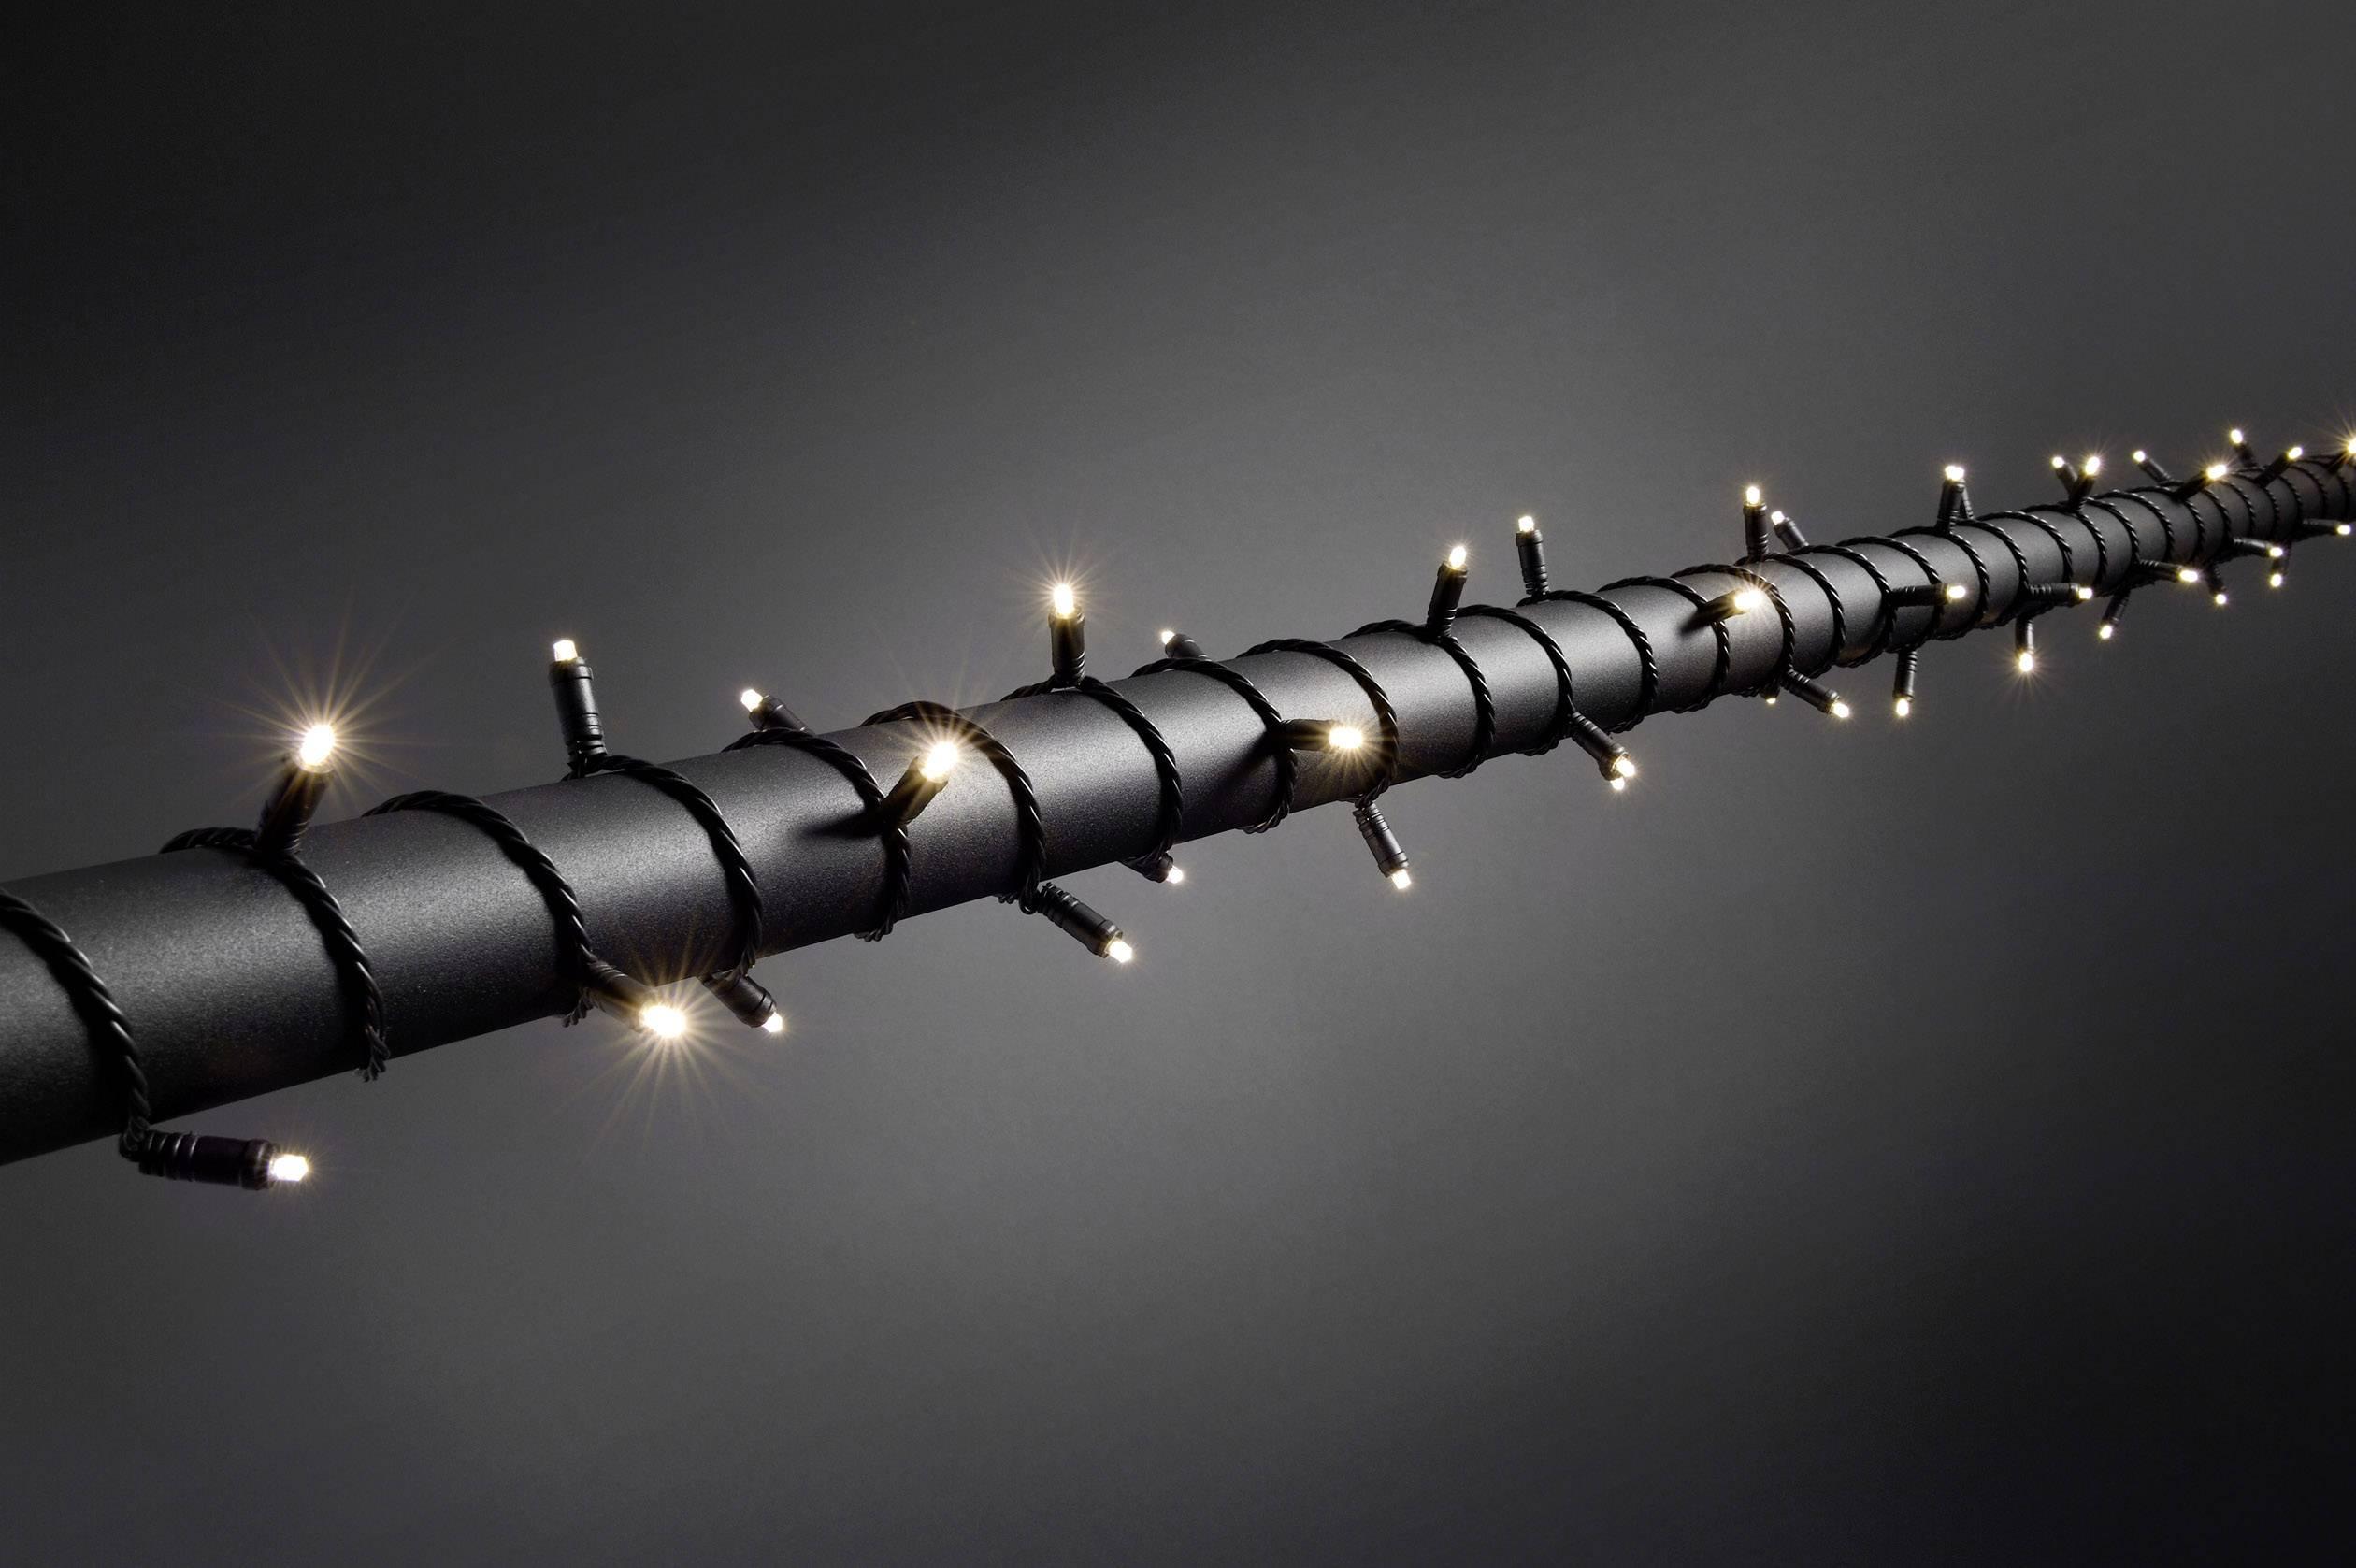 izdelek-konstsmide-6621-117-mikro-svetlobna-veriga-zunaj-elektricni